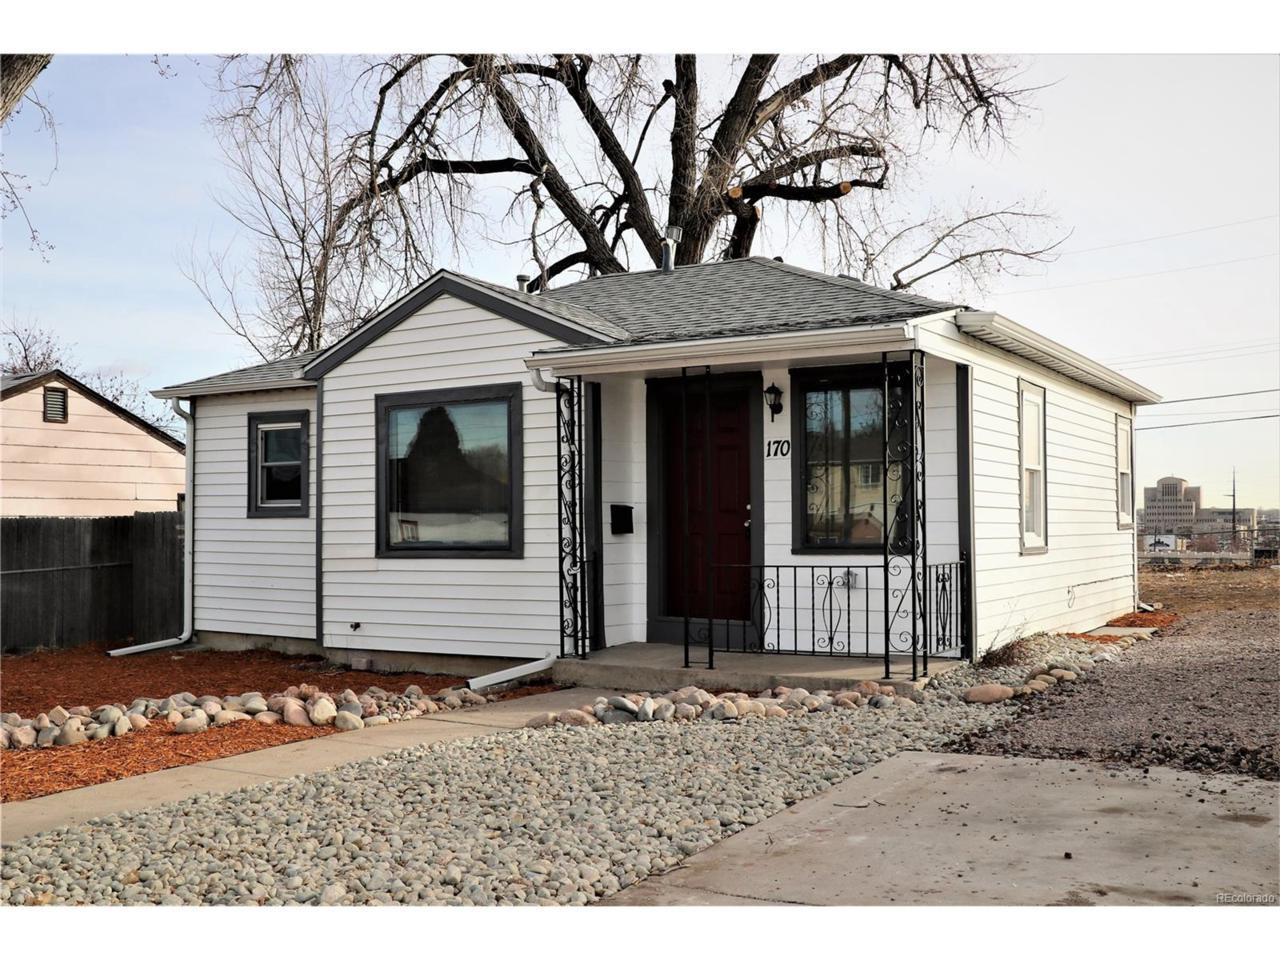 170 Clay Street, Denver, CO 80219 (MLS #3024400) :: 8z Real Estate